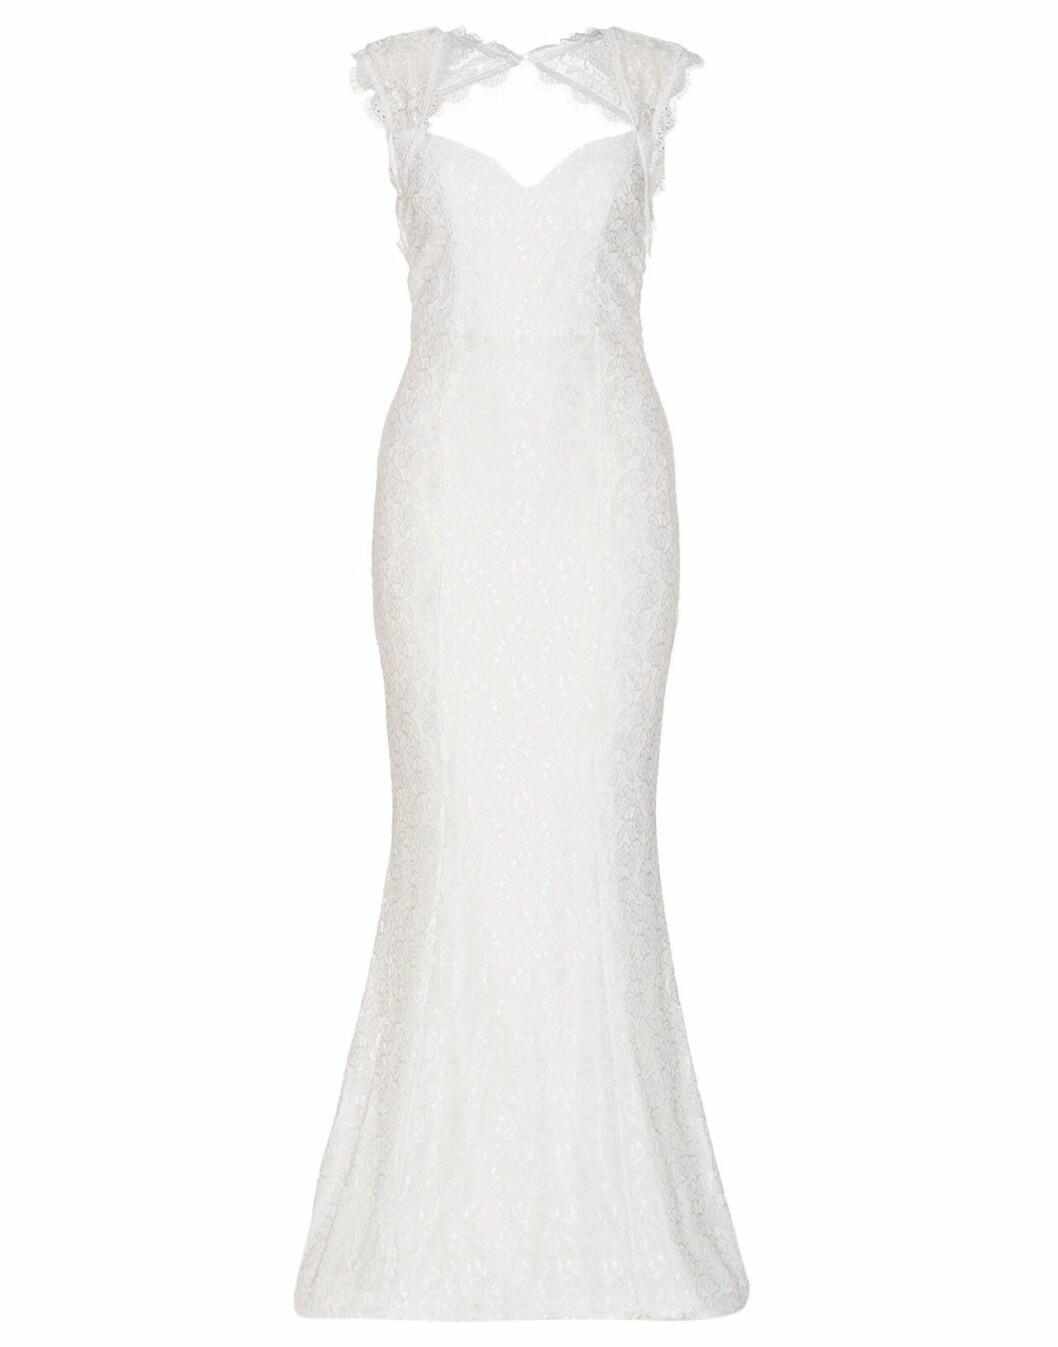 Billig bröllopsklänning i spets med kort ärm 2019